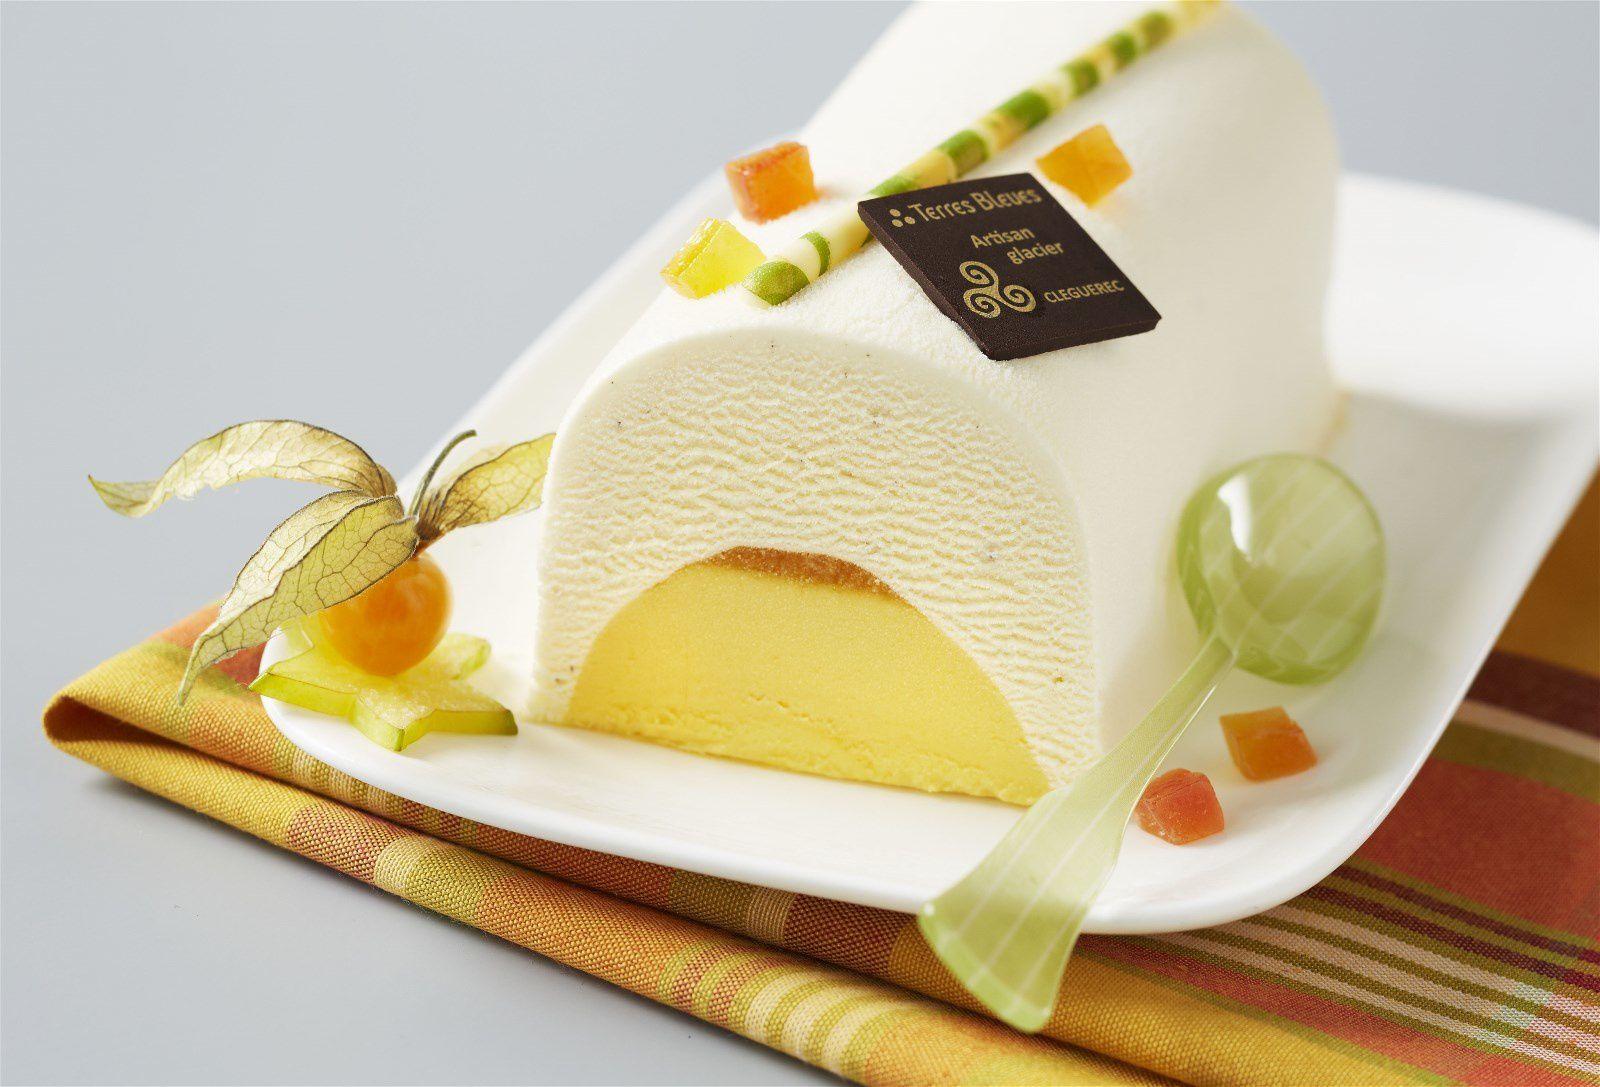 Bûches aux fruits jaunes et exotiques (©Terresbleues.com)